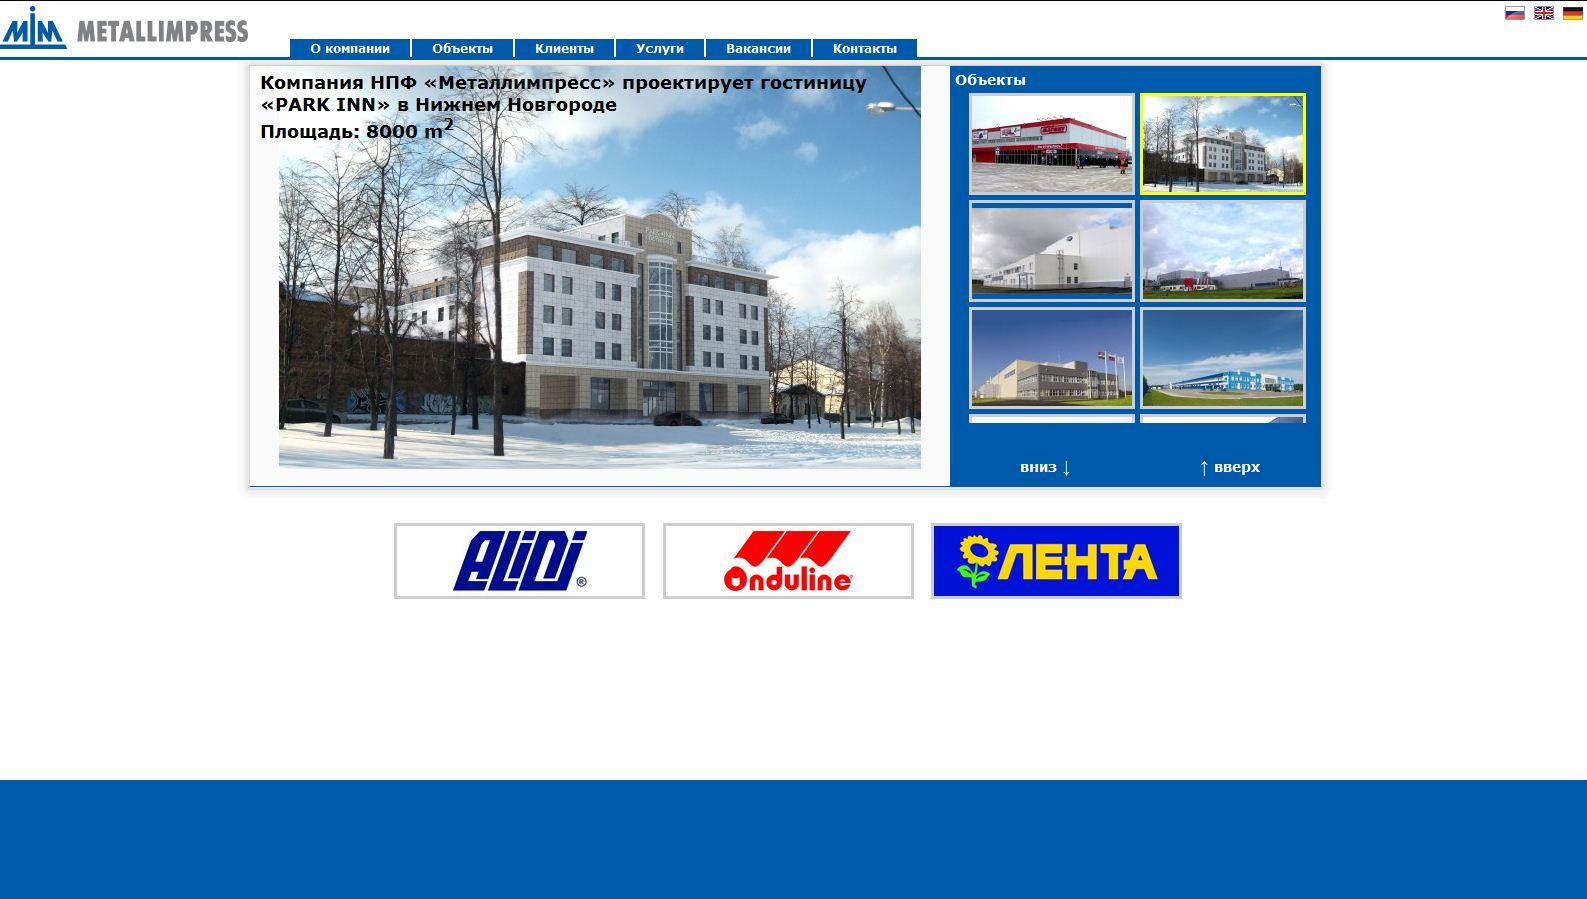 mimpress.ru